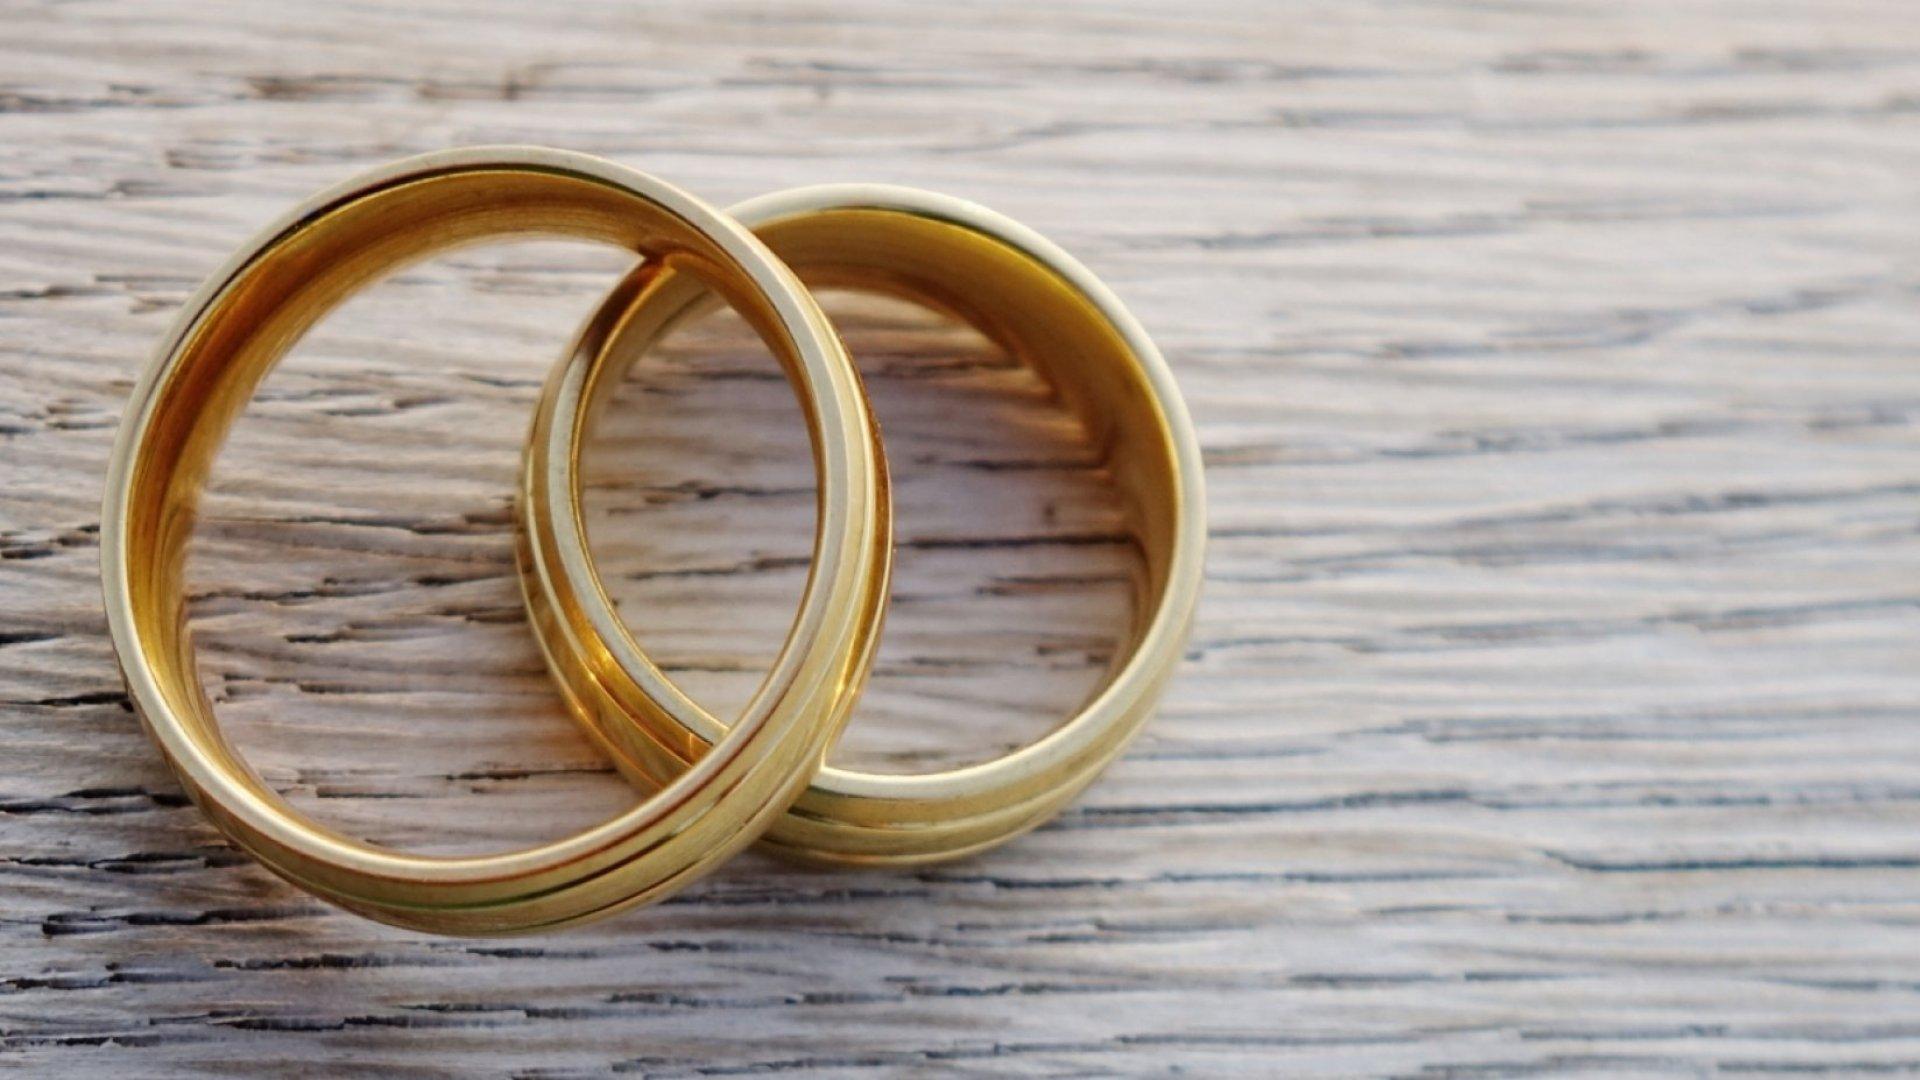 [신규논문] 여성의 고학력화와 결혼시장 미스매치 가설에 대한 비판적 검토